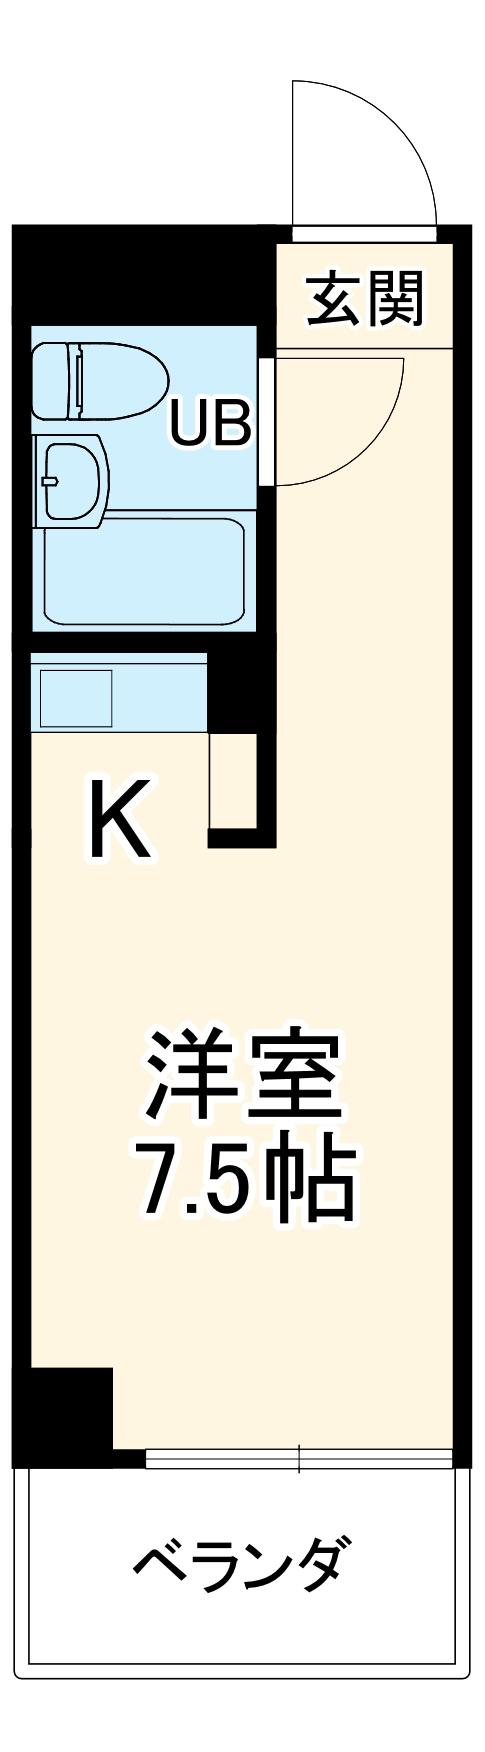 ラフィネ新栄・508号室の間取り